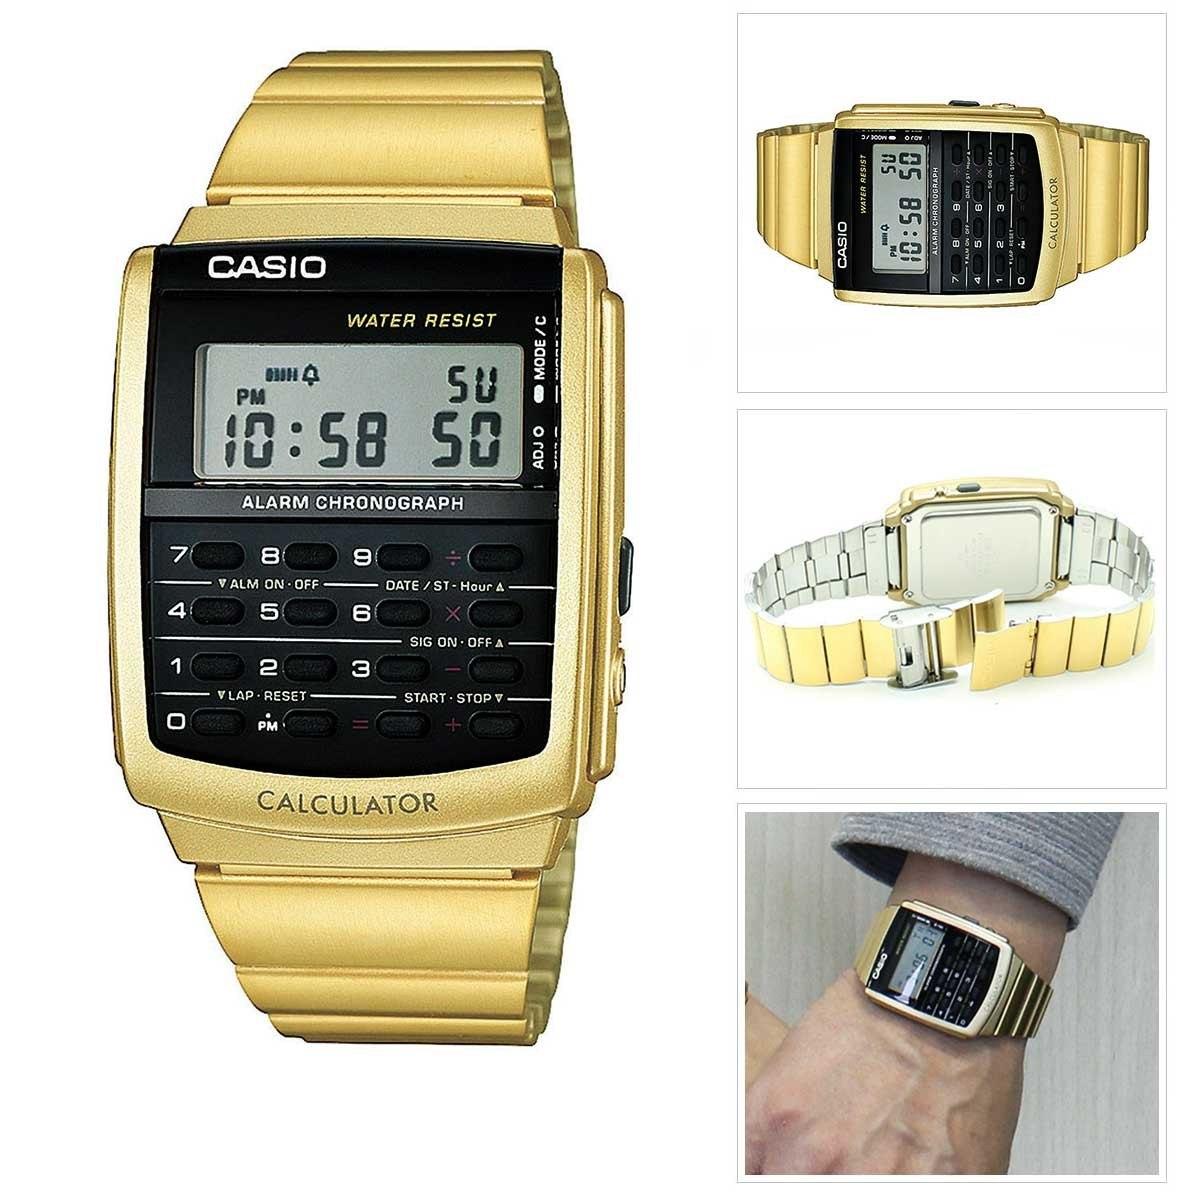 faf9b171da0 relogio casio data-bank dourado calculadora ca-506g-9a. Carregando zoom.